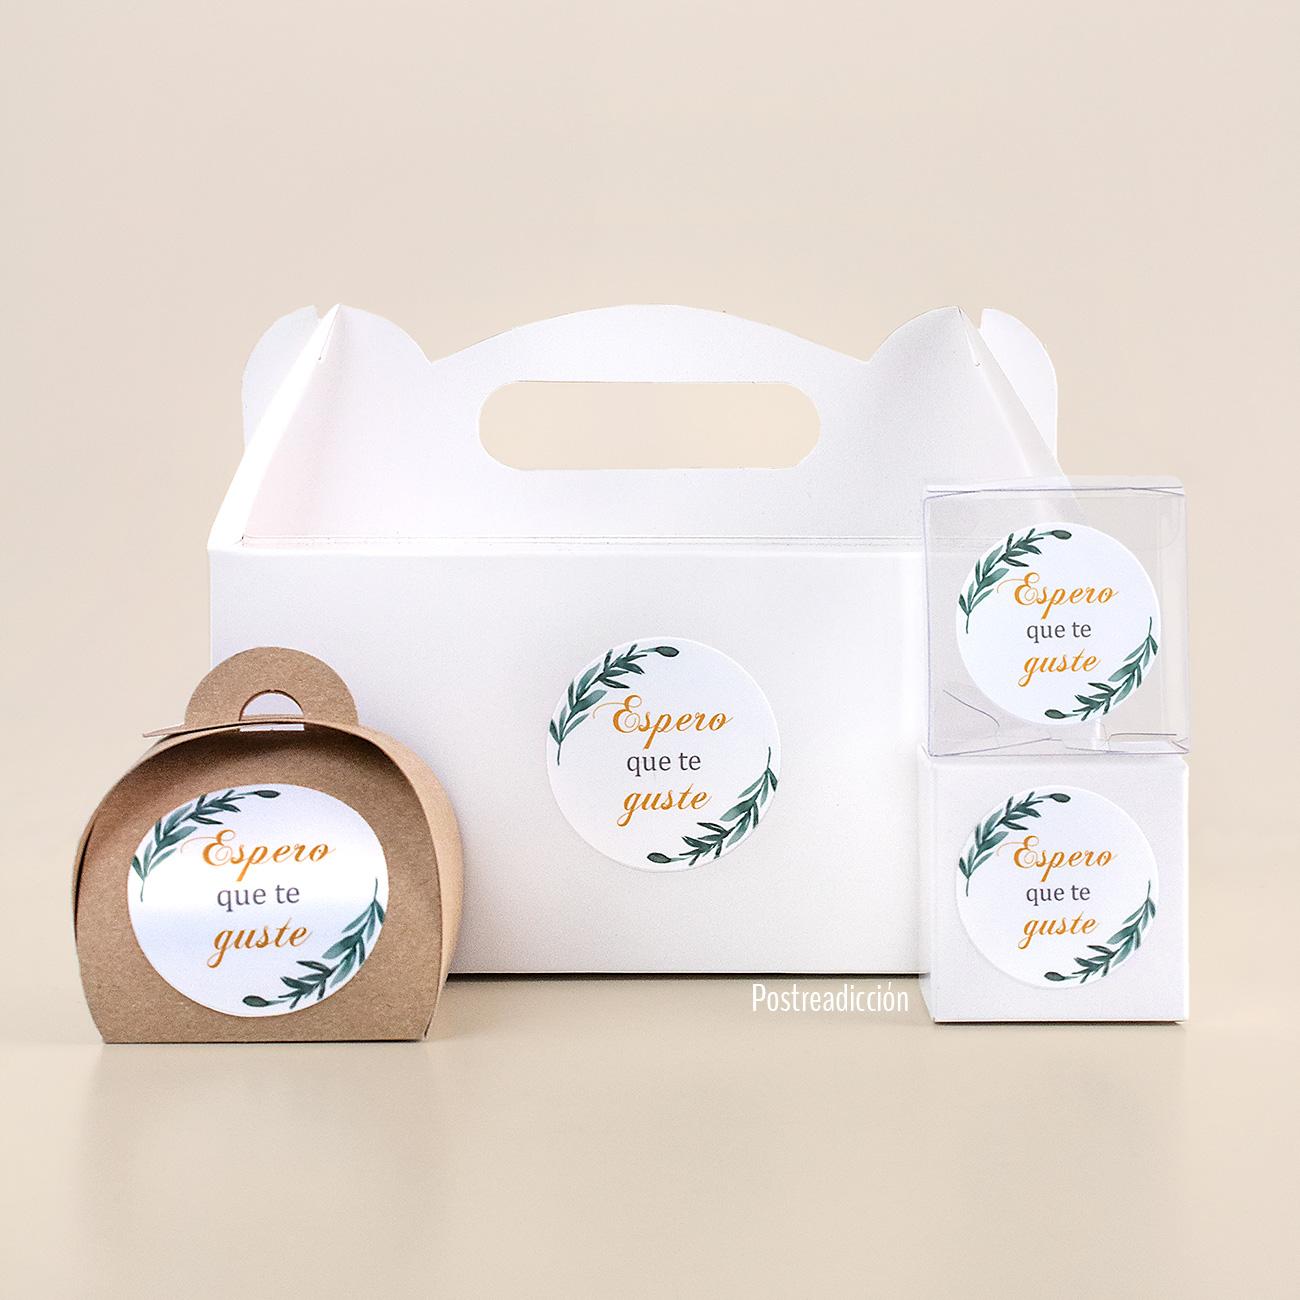 Imagen de producto: https://tienda.postreadiccion.com/img/articulos/secundarias13946-10-cajas-blancas-rectangulares-4.jpg